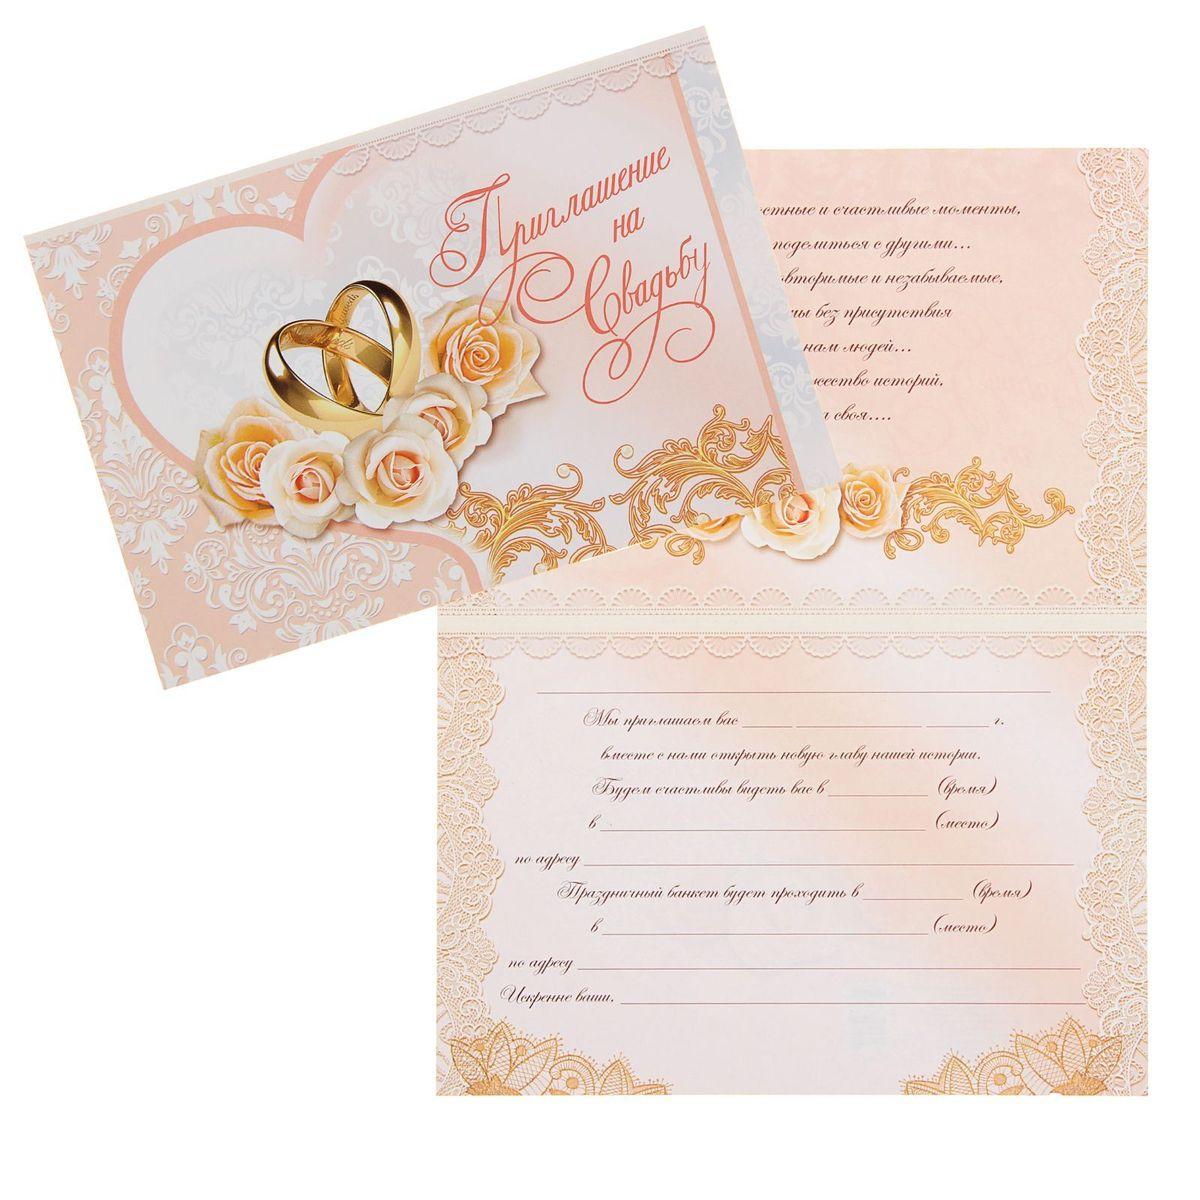 Sima-land Приглашение на свадьбу Кольца, 18х12см1333774Свадьба — одно из главных событий в жизни каждого человека. Для идеального торжества необходимо продумать каждую мелочь. Родным и близким будет приятно получить индивидуальную красивую открытку с эксклюзивным дизайном.